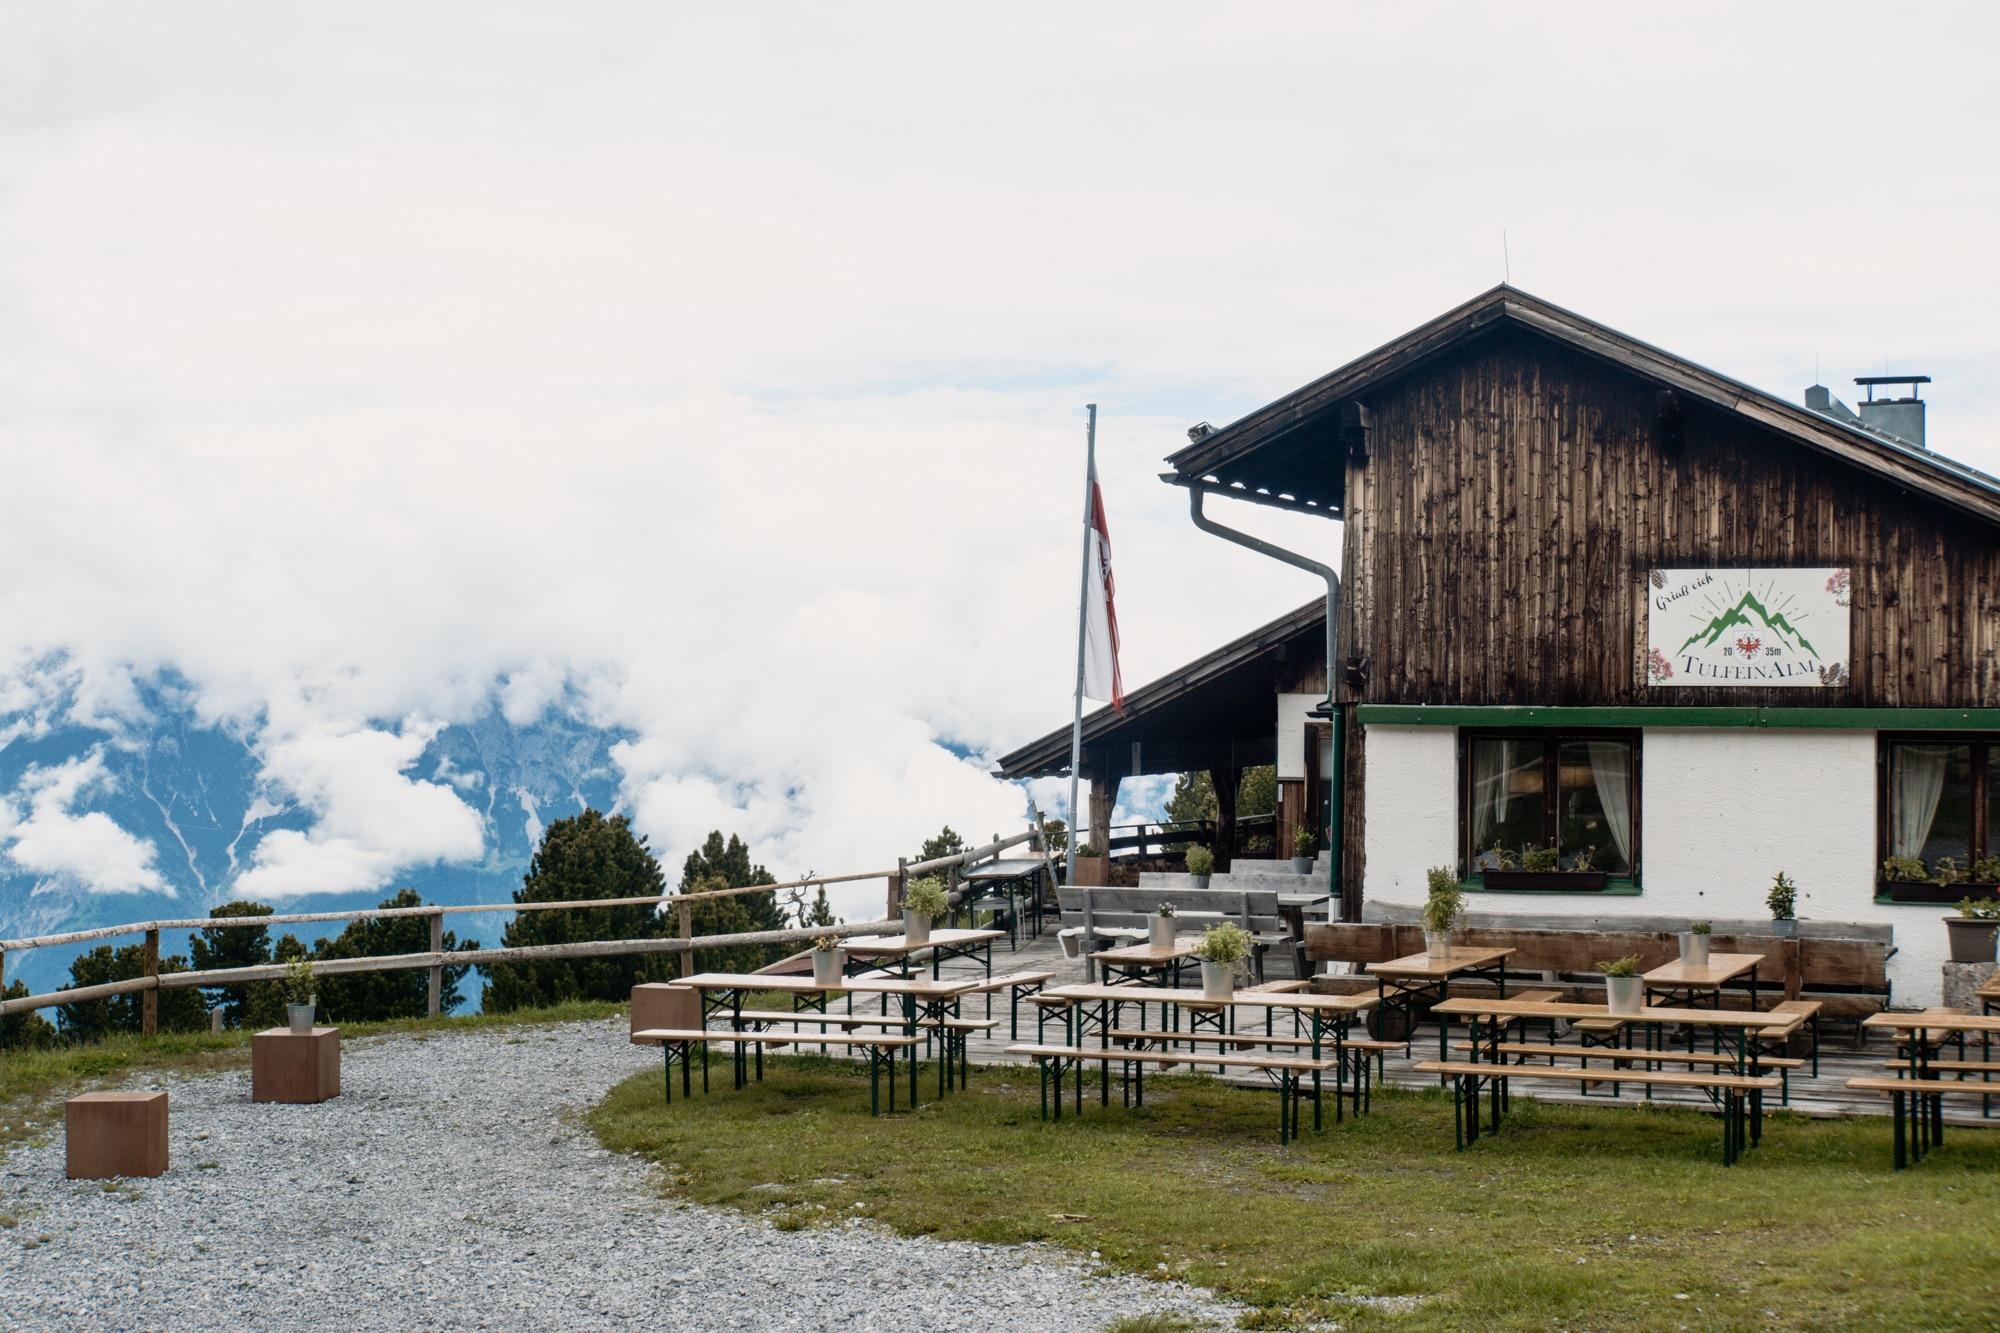 Innsbruck Sehenswürdigkeiten: Top Ten Highlights und Tipps für die Stadt - Zirbenweg Tulfeinalm